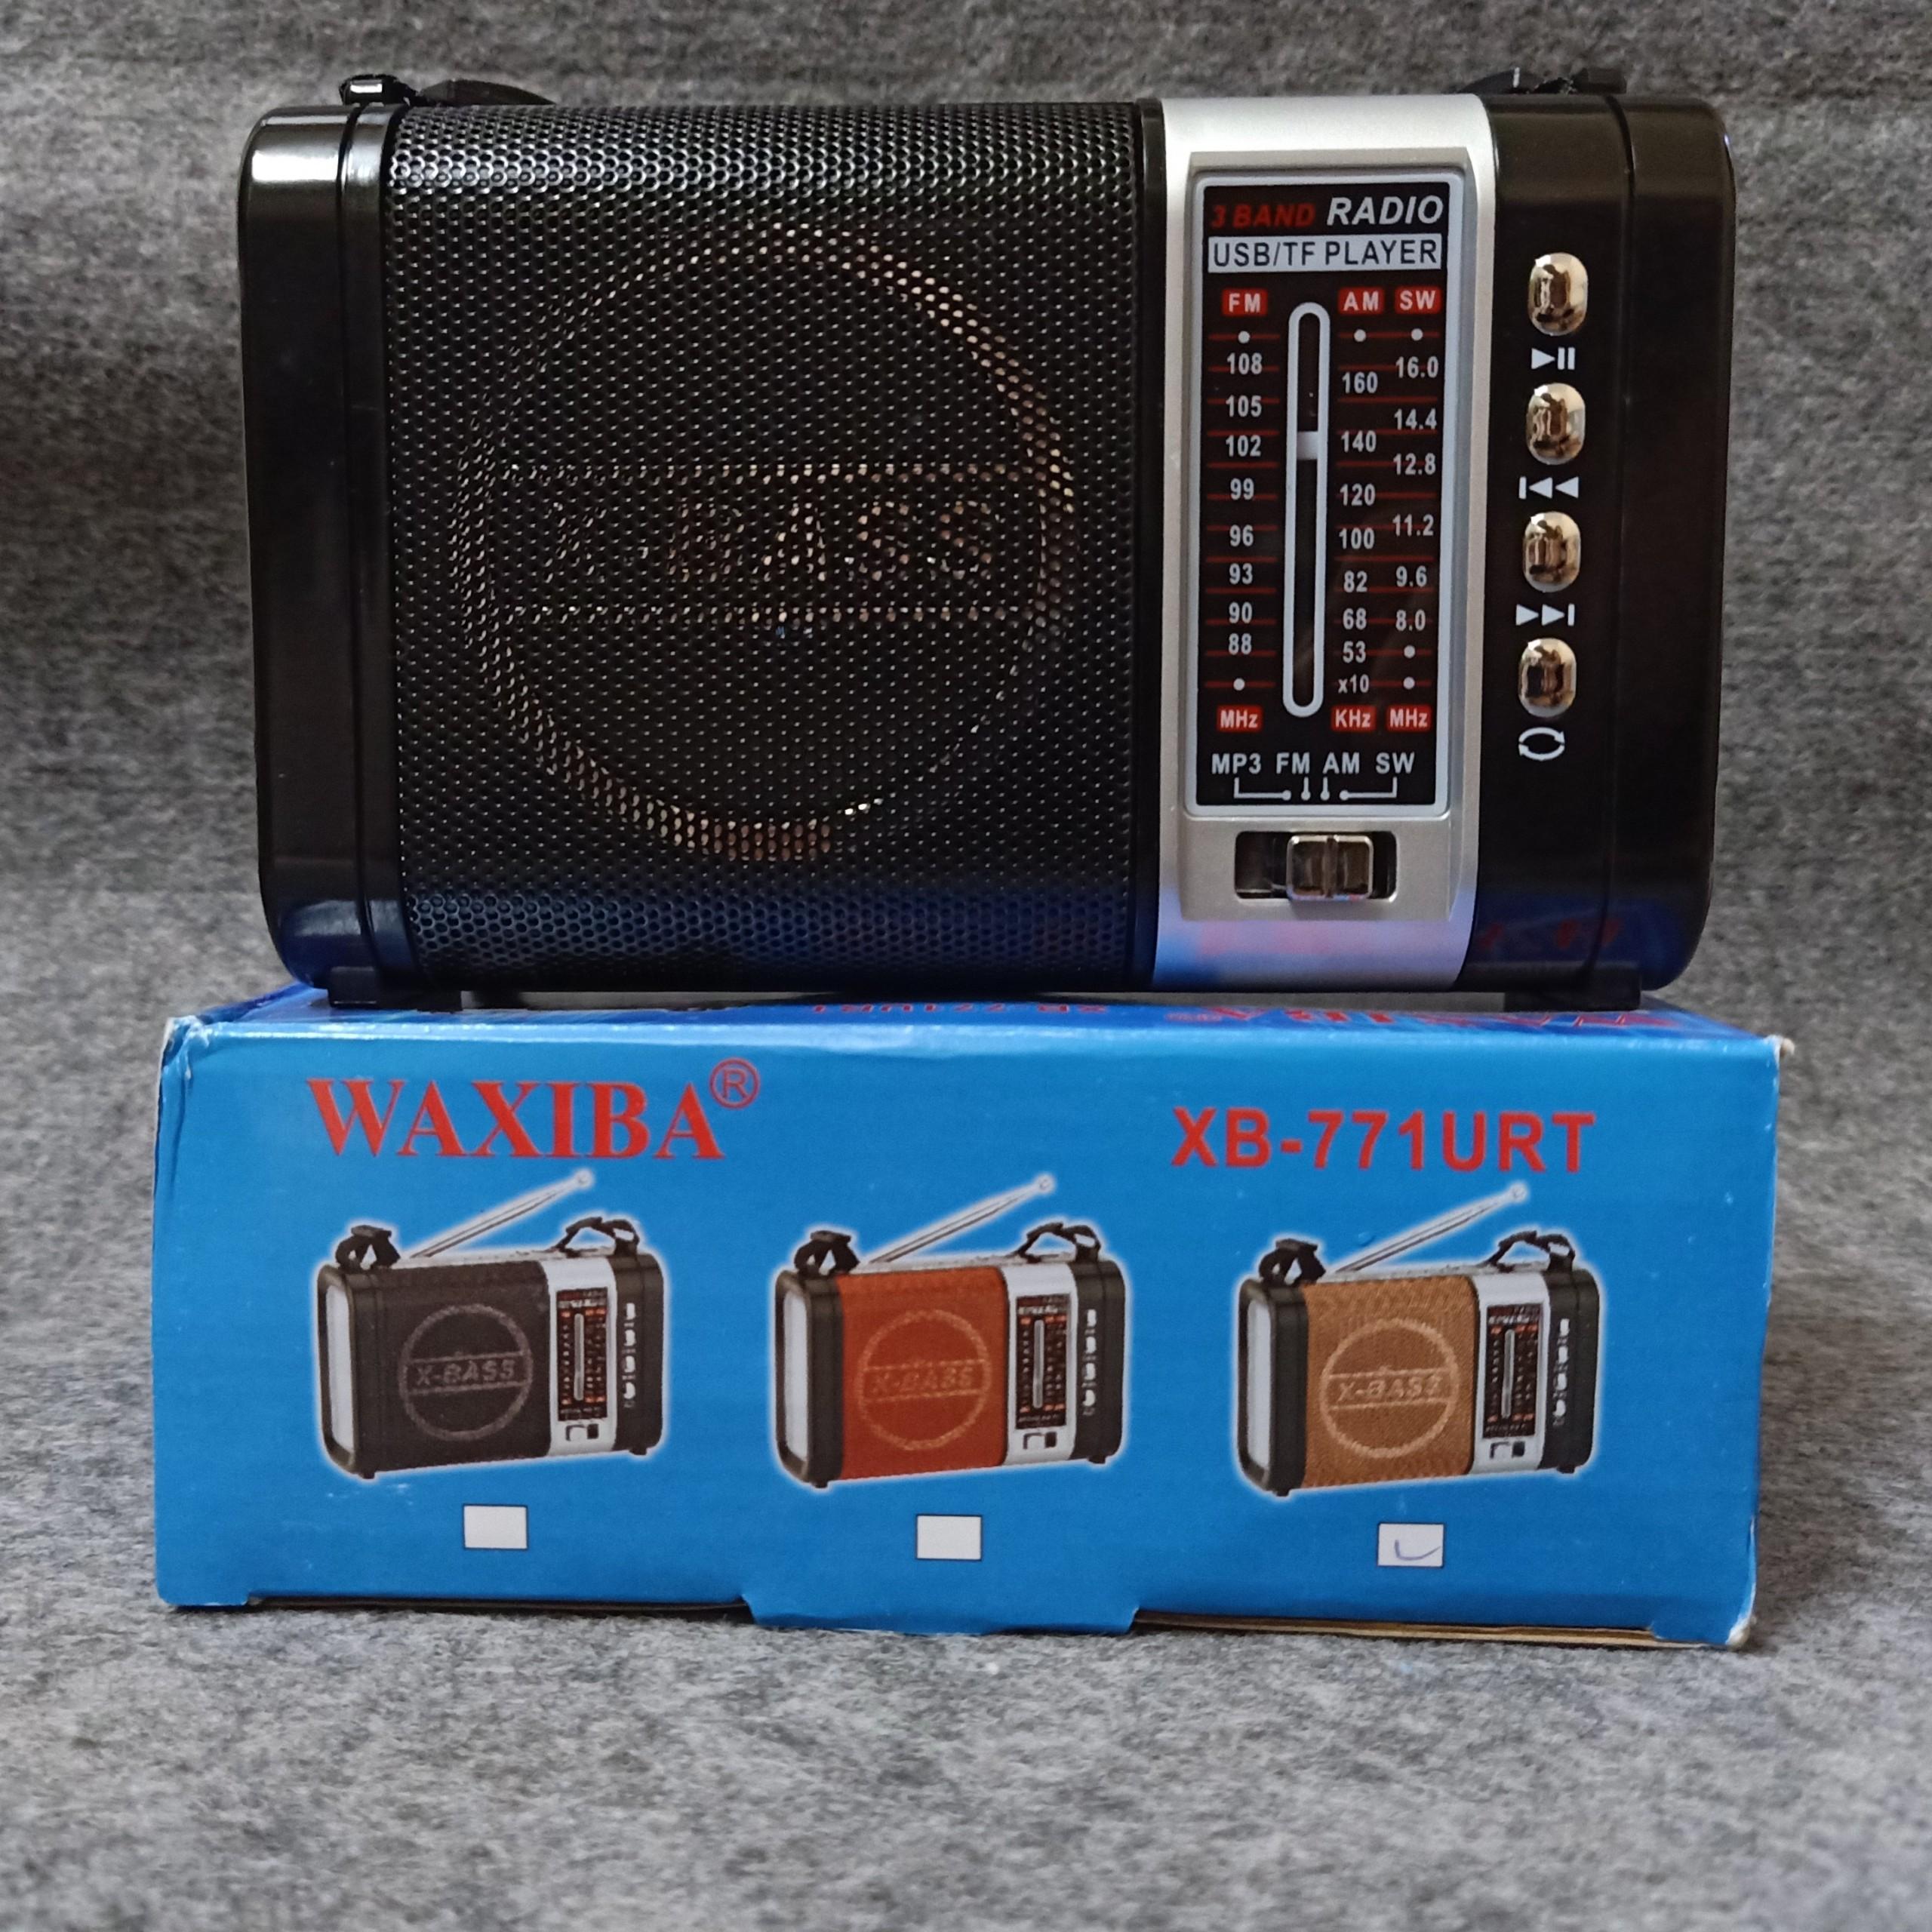 Đài LOA  EXTRA BASS CÓ ĐÈN PIN LED, USB NGHE NHẠC THẺ NHỚ WAXIBA XB-771URT RADIO AM FM SW THEO KÈM PIN SẠC - Giao màu ngẫu nhiên - HÀNG CHÍNH HÃNG